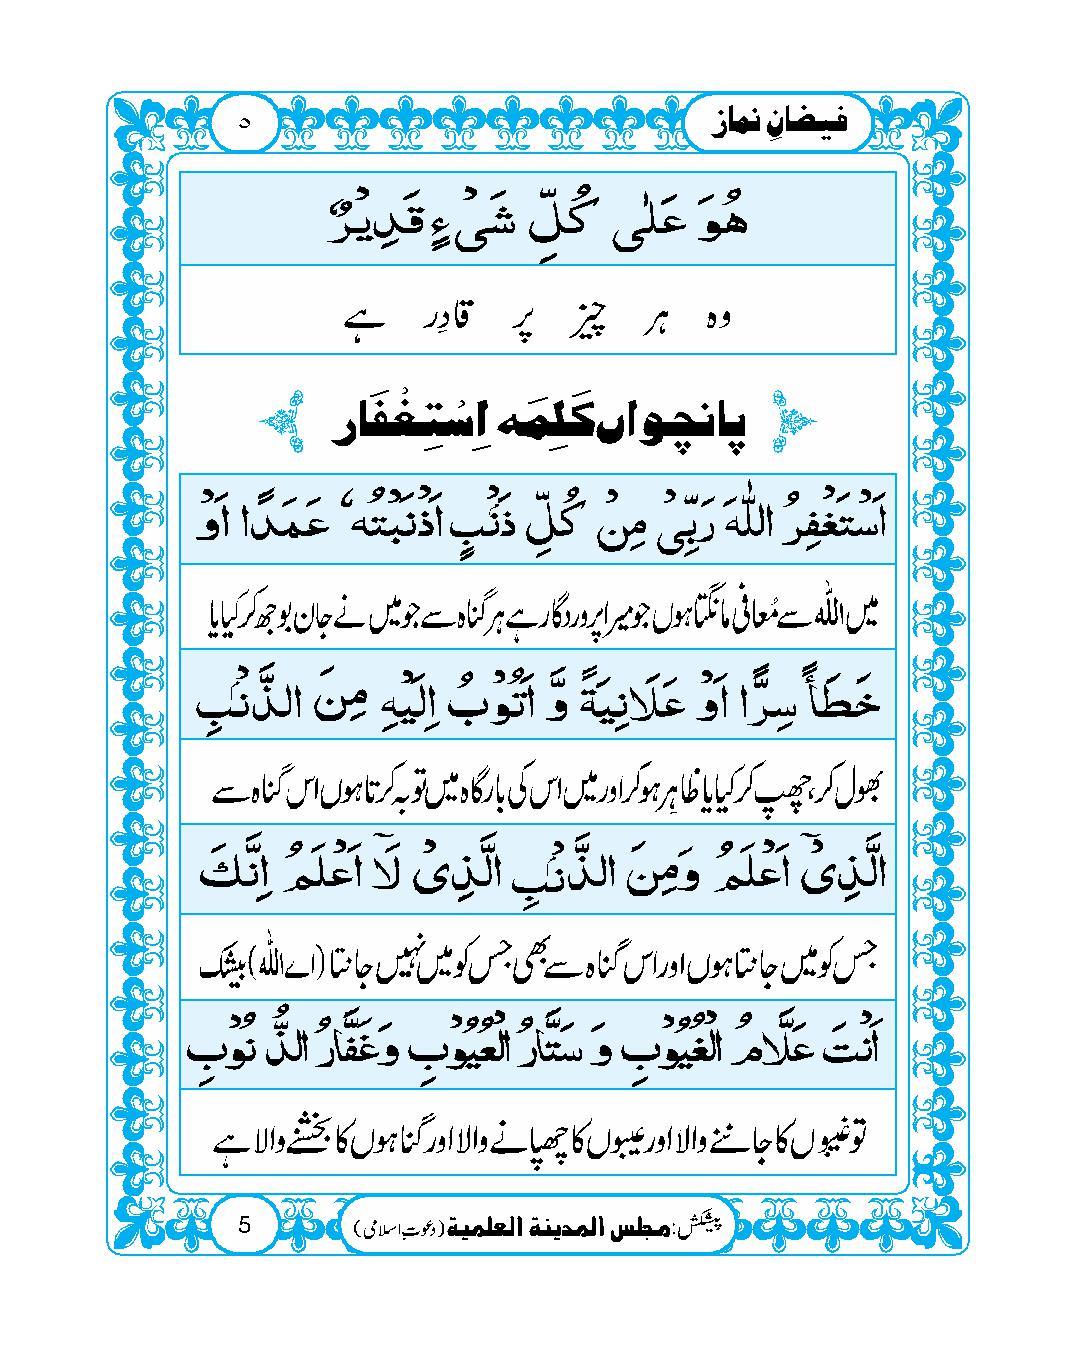 page No 5